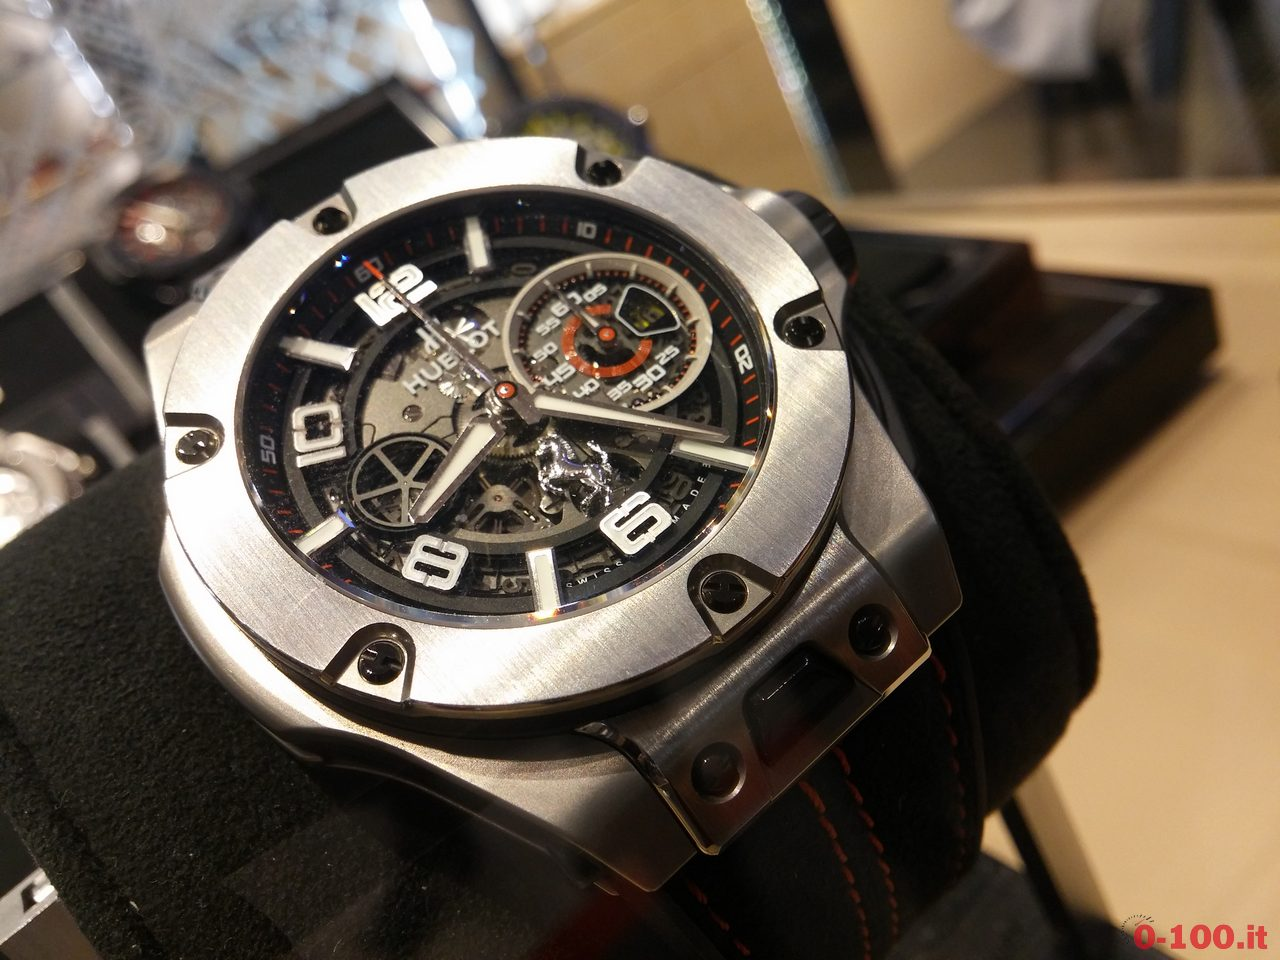 hublot-big-bang-ferrari-titanio-limited-edition-ref-402-nx-0123-wr-prezzo-price_0-1001